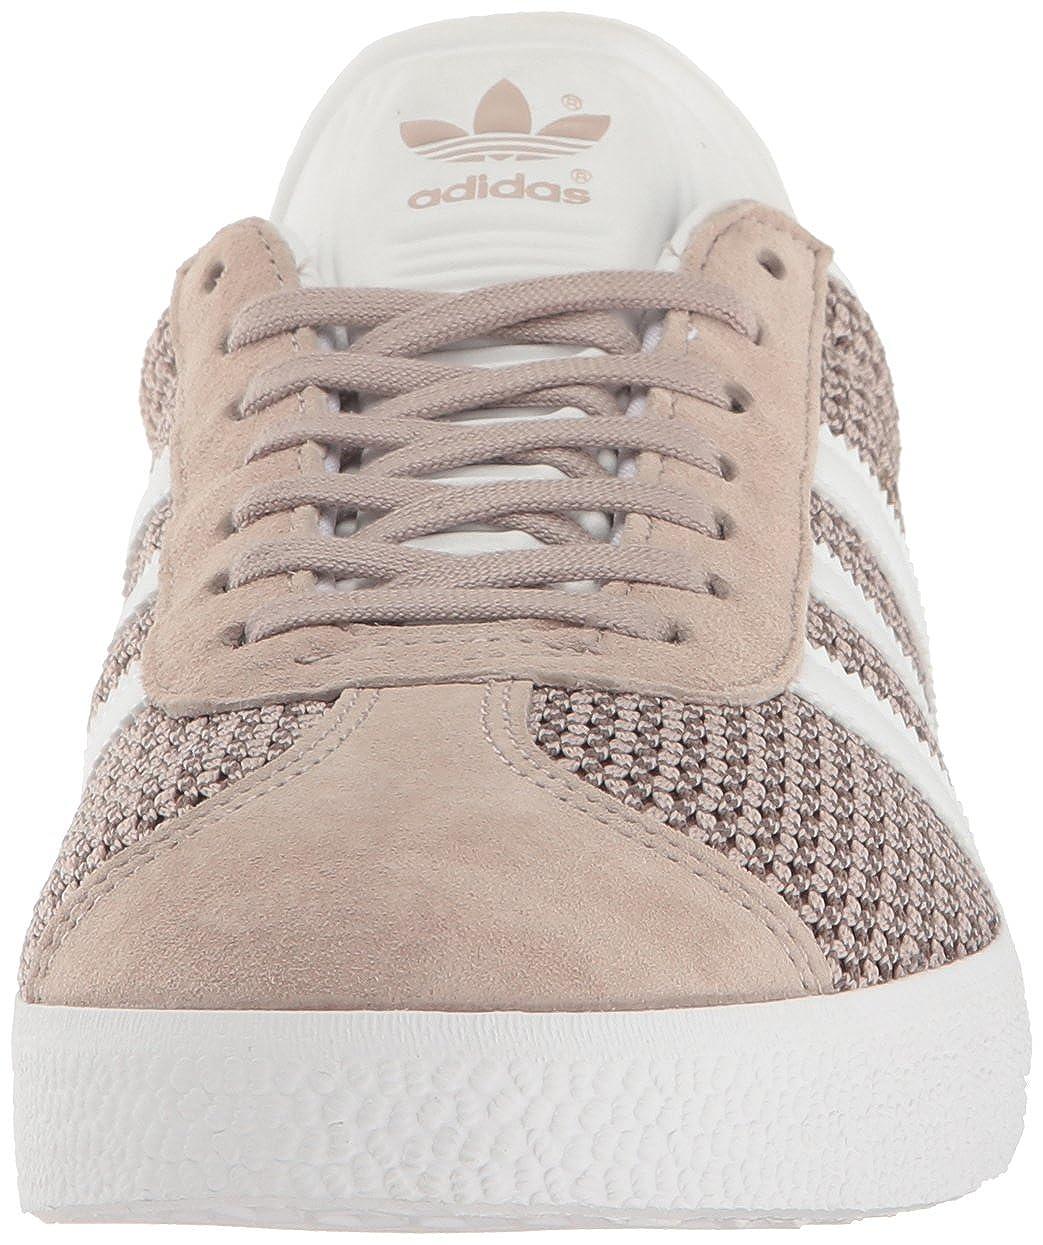 release date 0ed13 8295d adidas Originals Gazelle Fashion Mixte Adulte ADIDAS Amazon.fr Chaussures  et Sacs